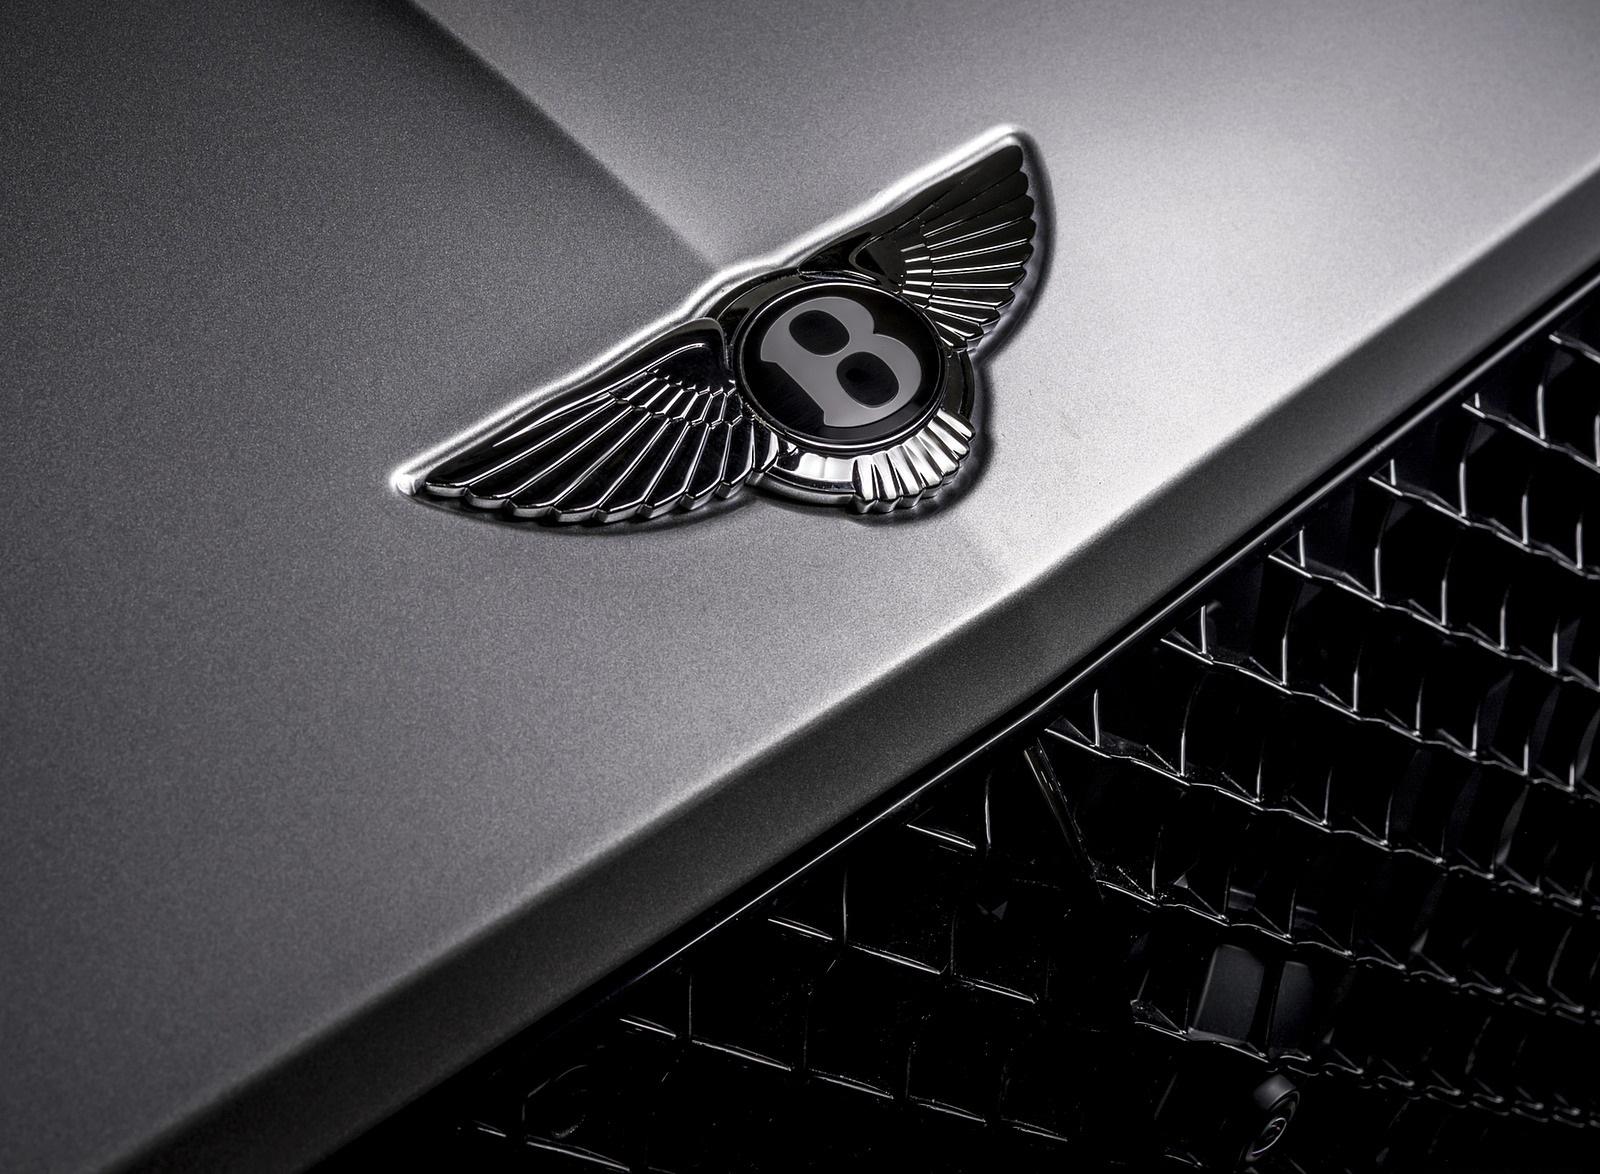 2022 Bentley Continental GT Speed Badge Wallpapers (10)